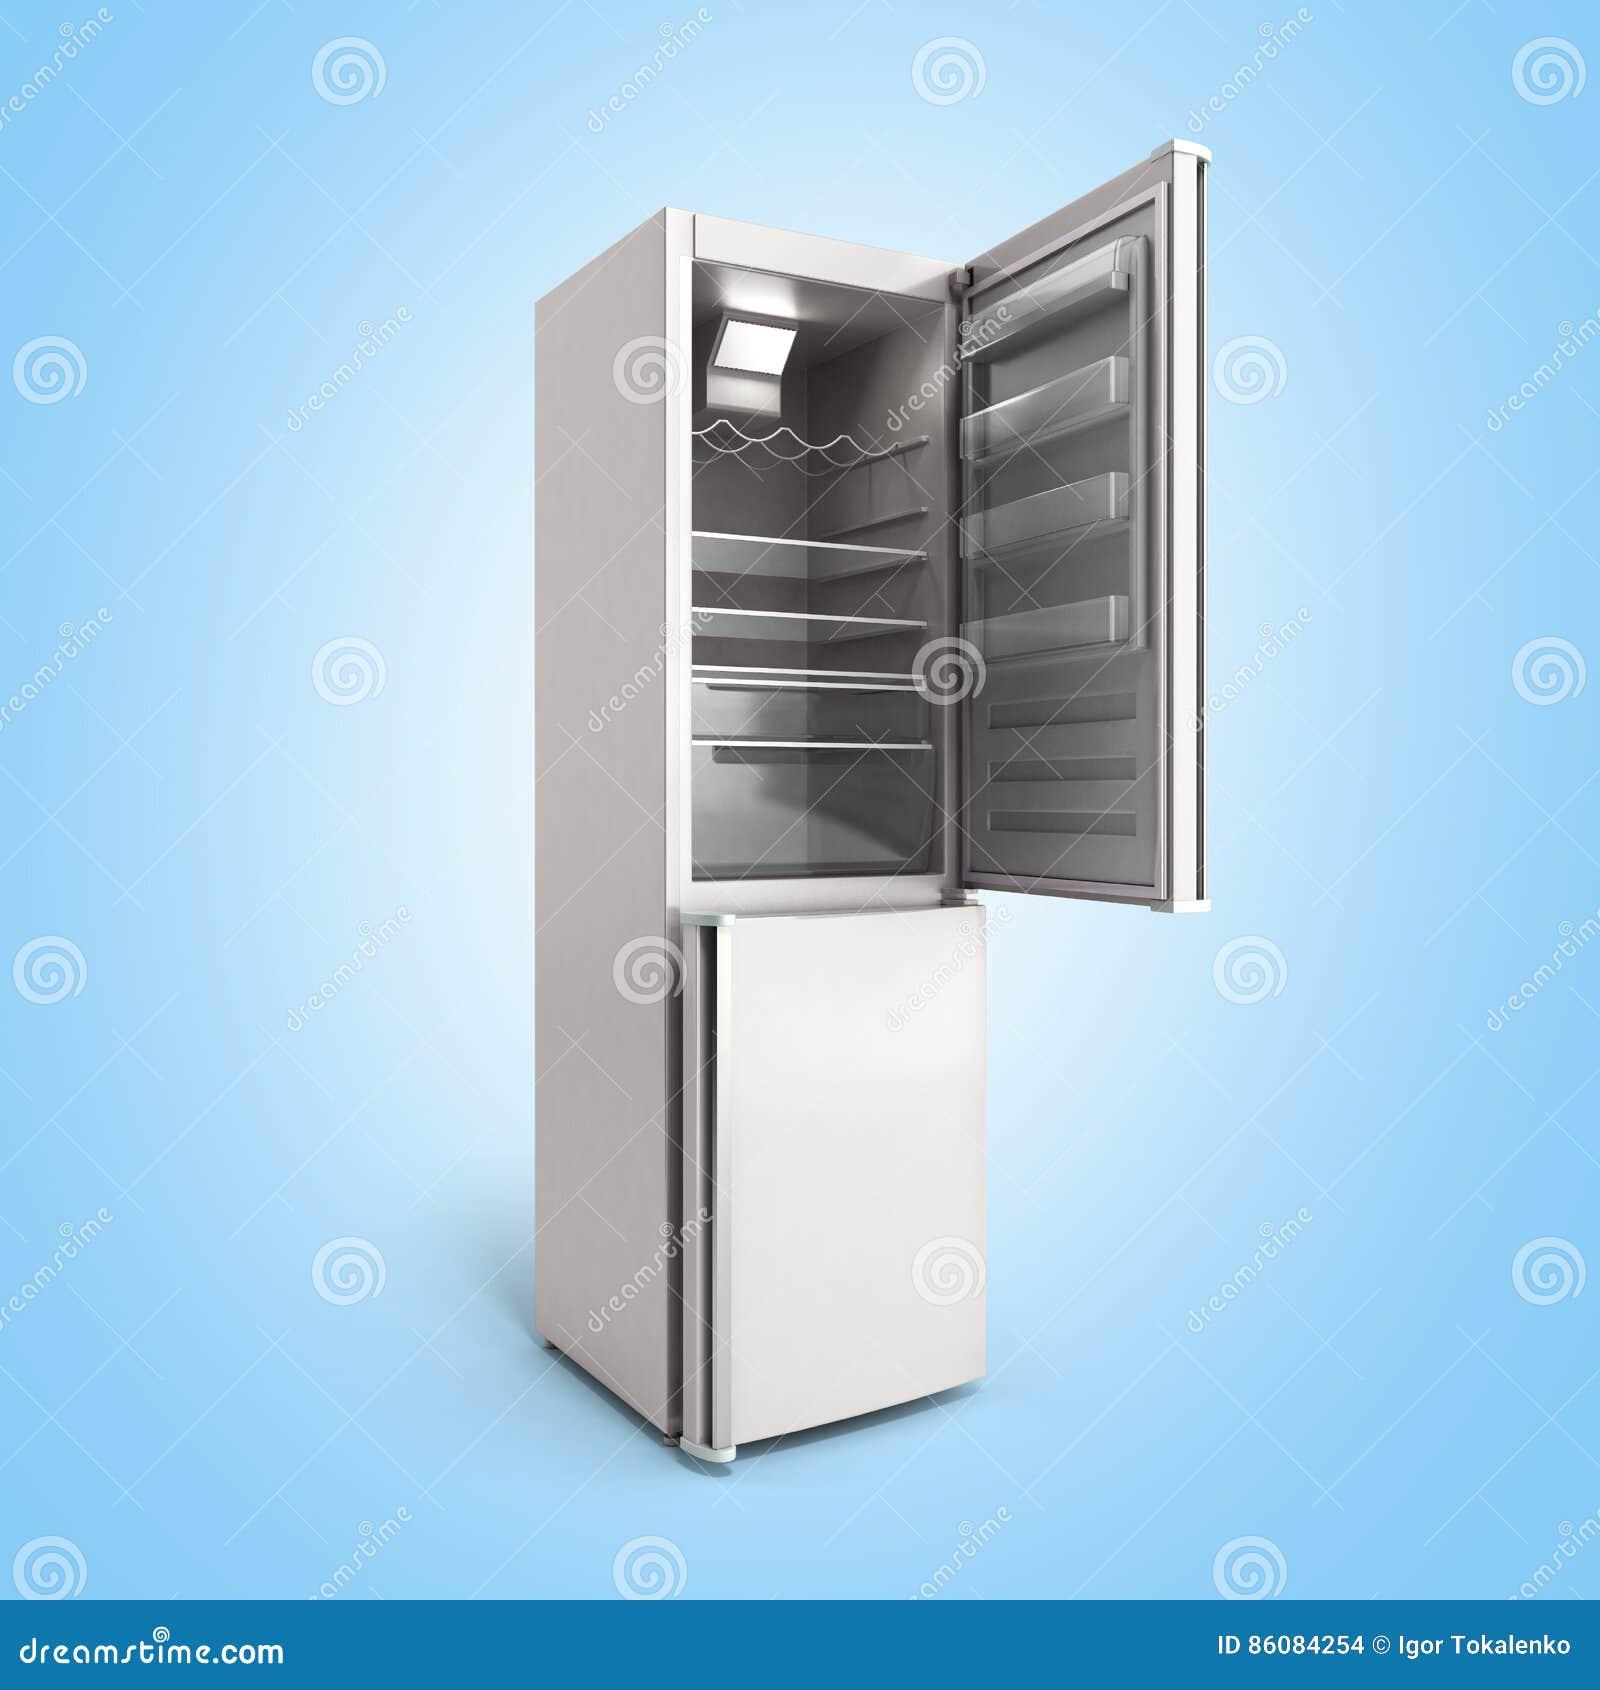 Moderne Kühlschränke fantastisch moderne kühlschränke ideen die kinderzimmer design